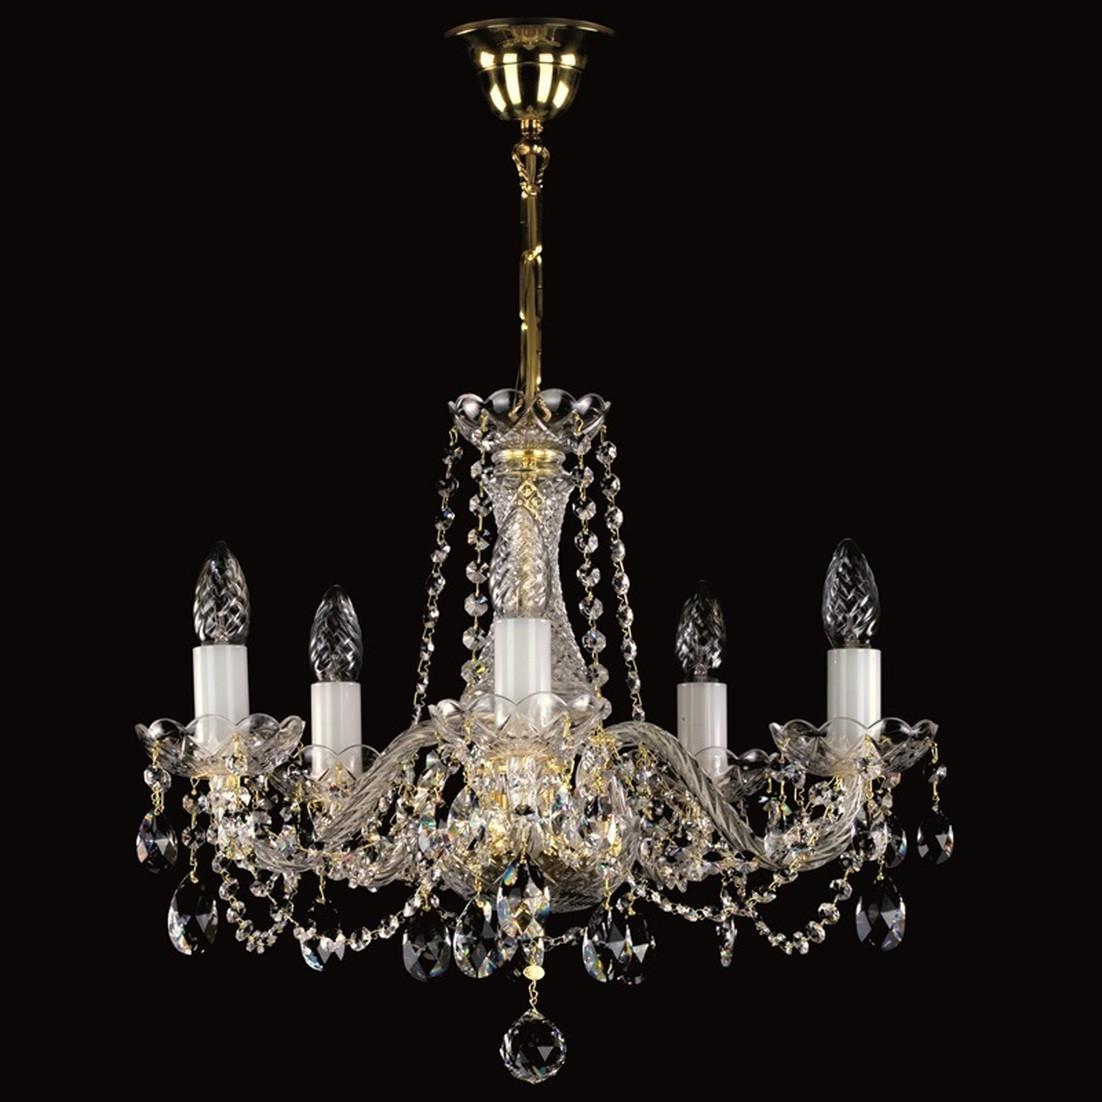 Хрустальная 5 ламповая люстра для спальни, зала  Радка-5